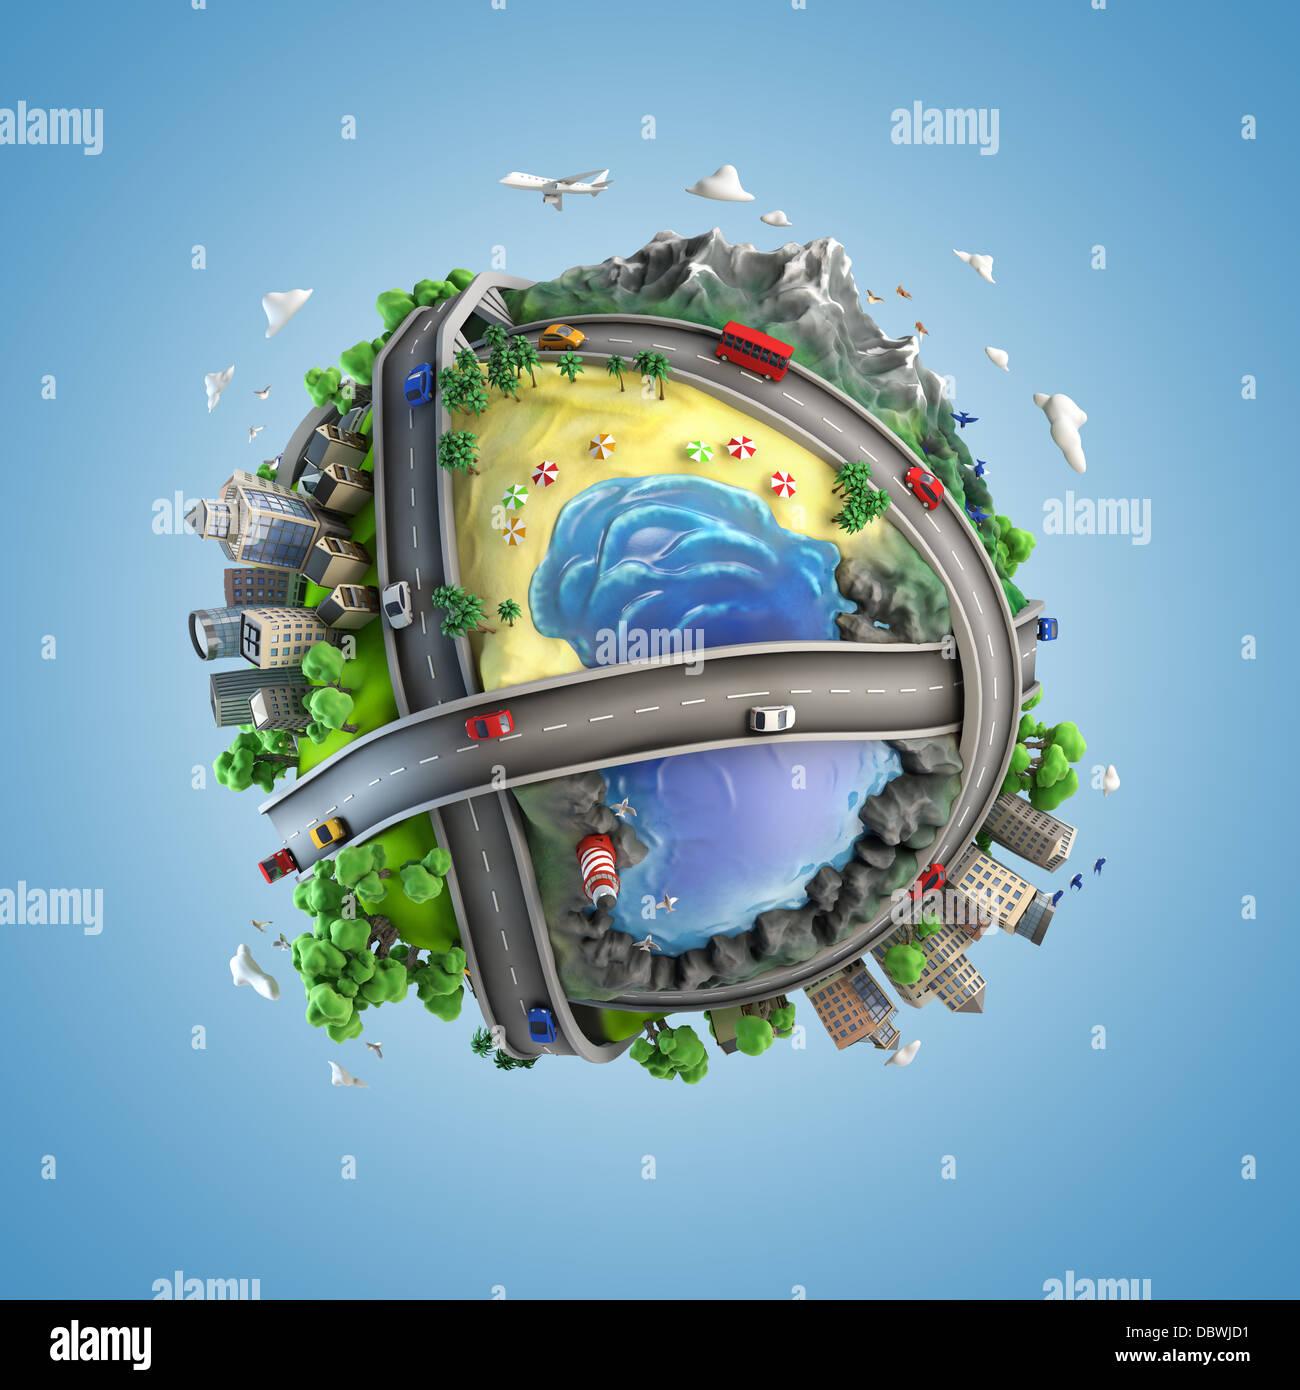 Concetto globe che mostra la diversità e il trasporto in tutto il mondo in un stile cartoony Immagini Stock